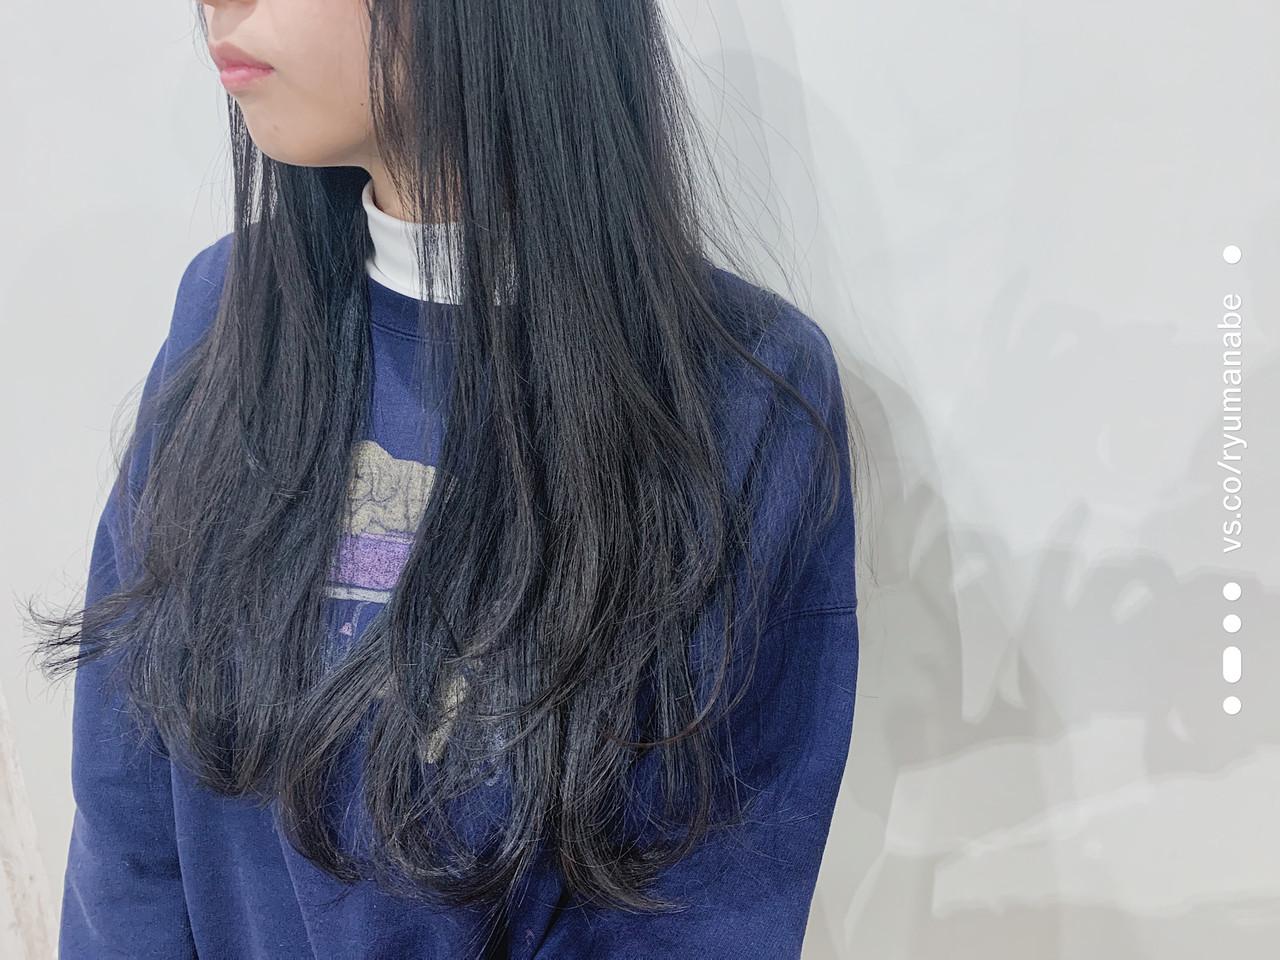 ロング ナチュラル ワンカール レイヤーカット ヘアスタイルや髪型の写真・画像